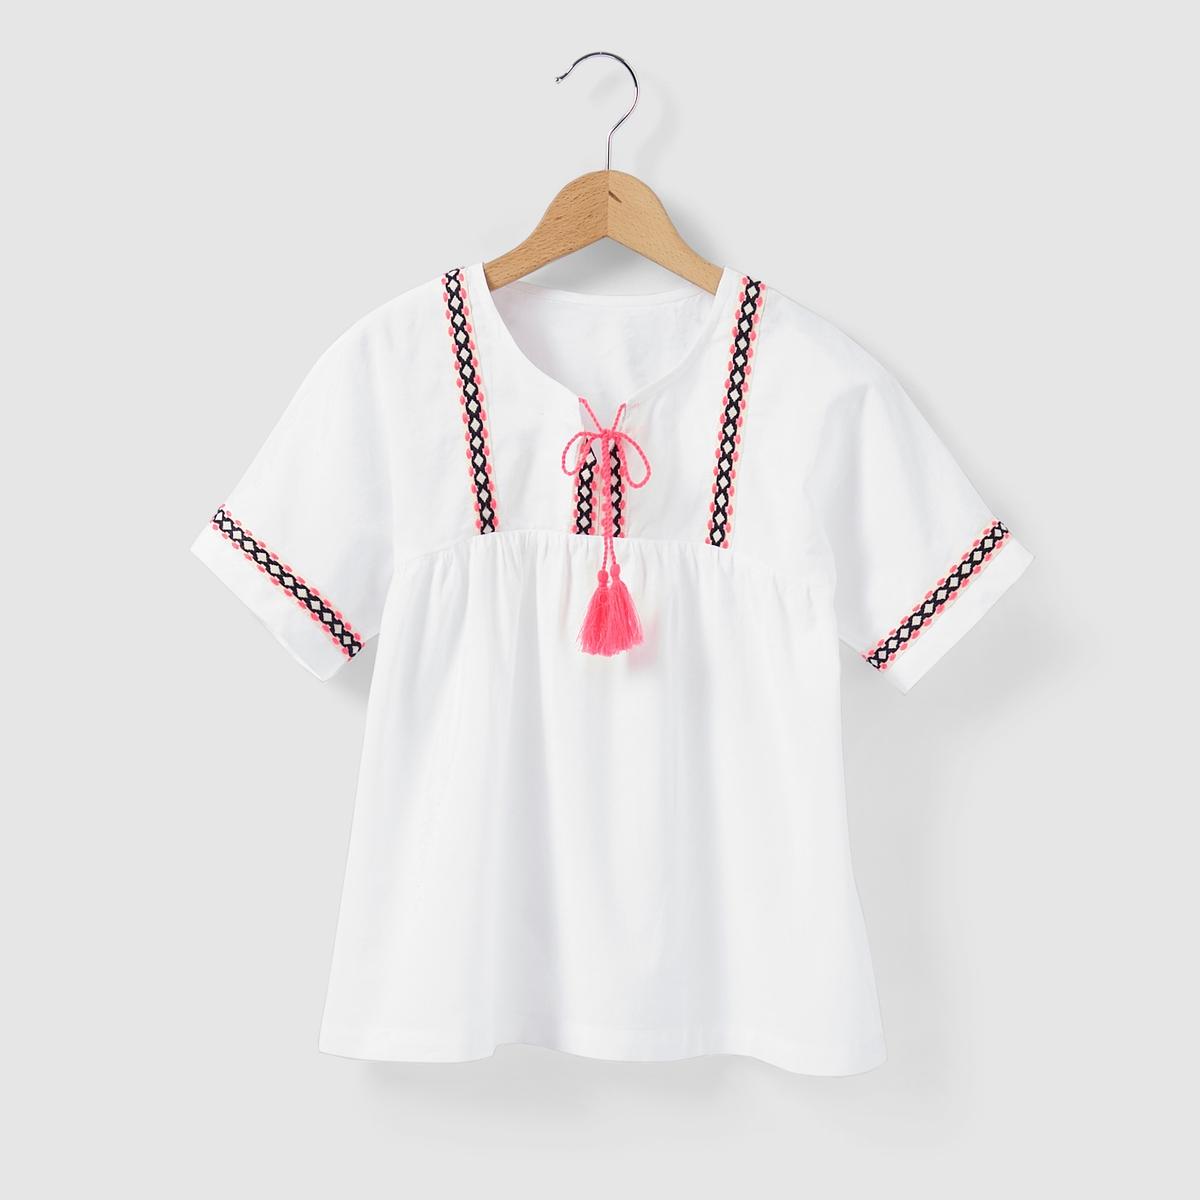 Блузка в этническом стиле, с вышивкой и короткими рукавами, на 3-12 лет